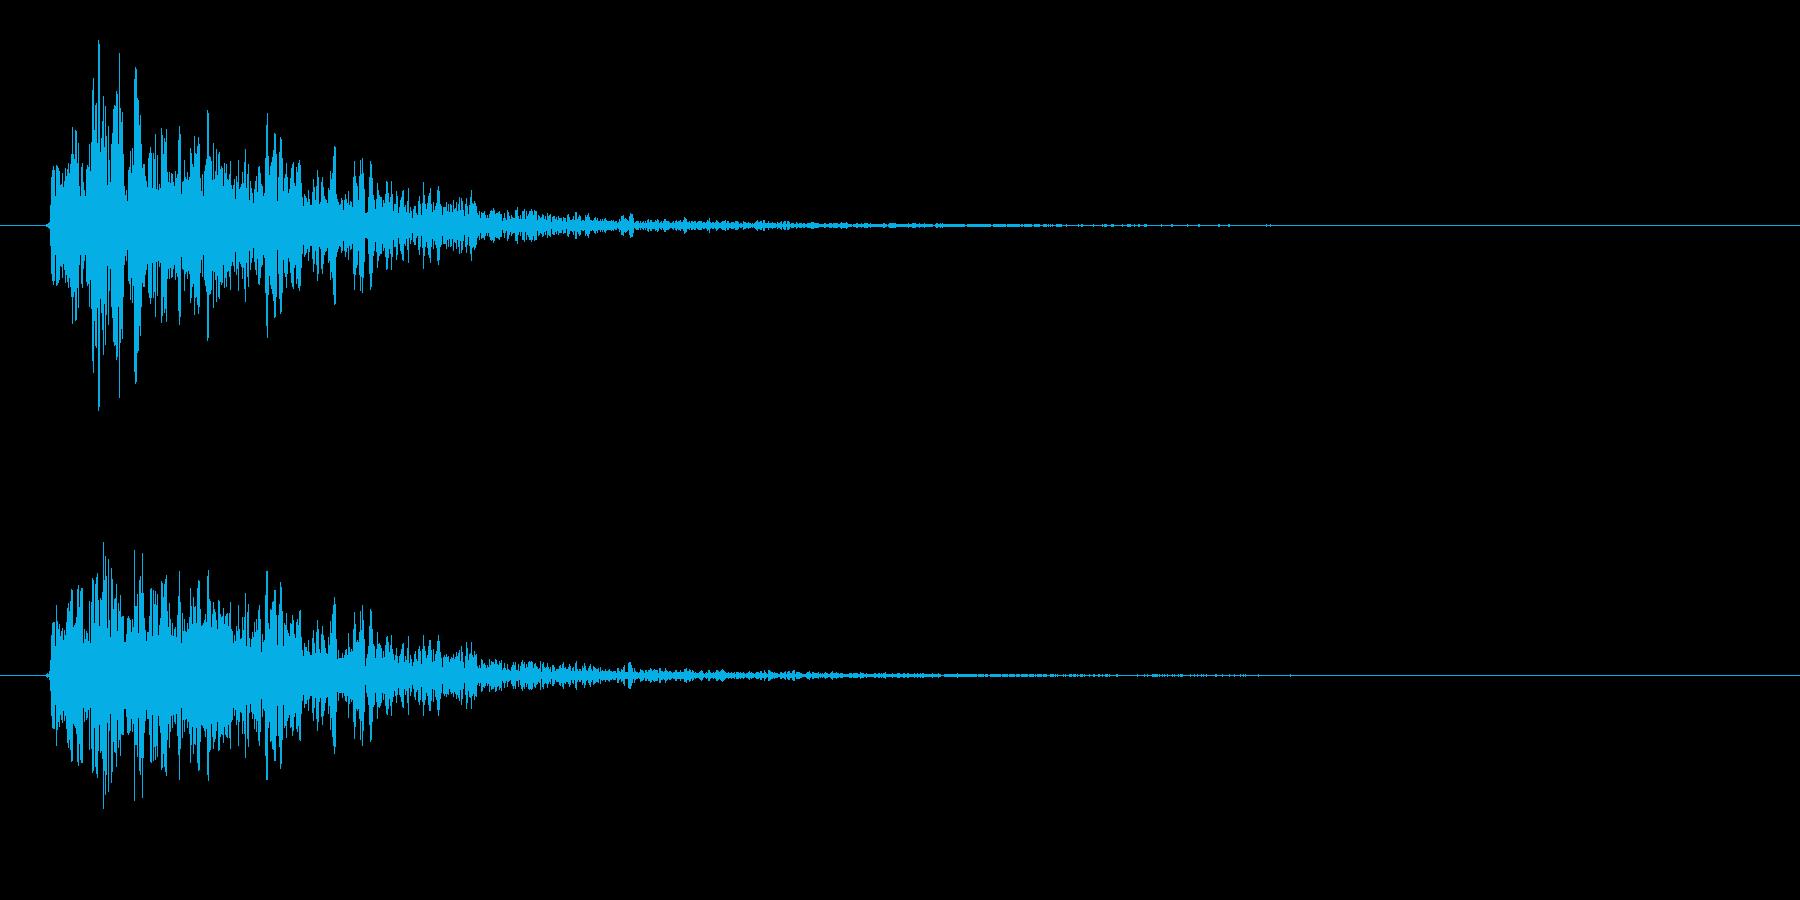 「ビコーン(弓矢の音)」の再生済みの波形